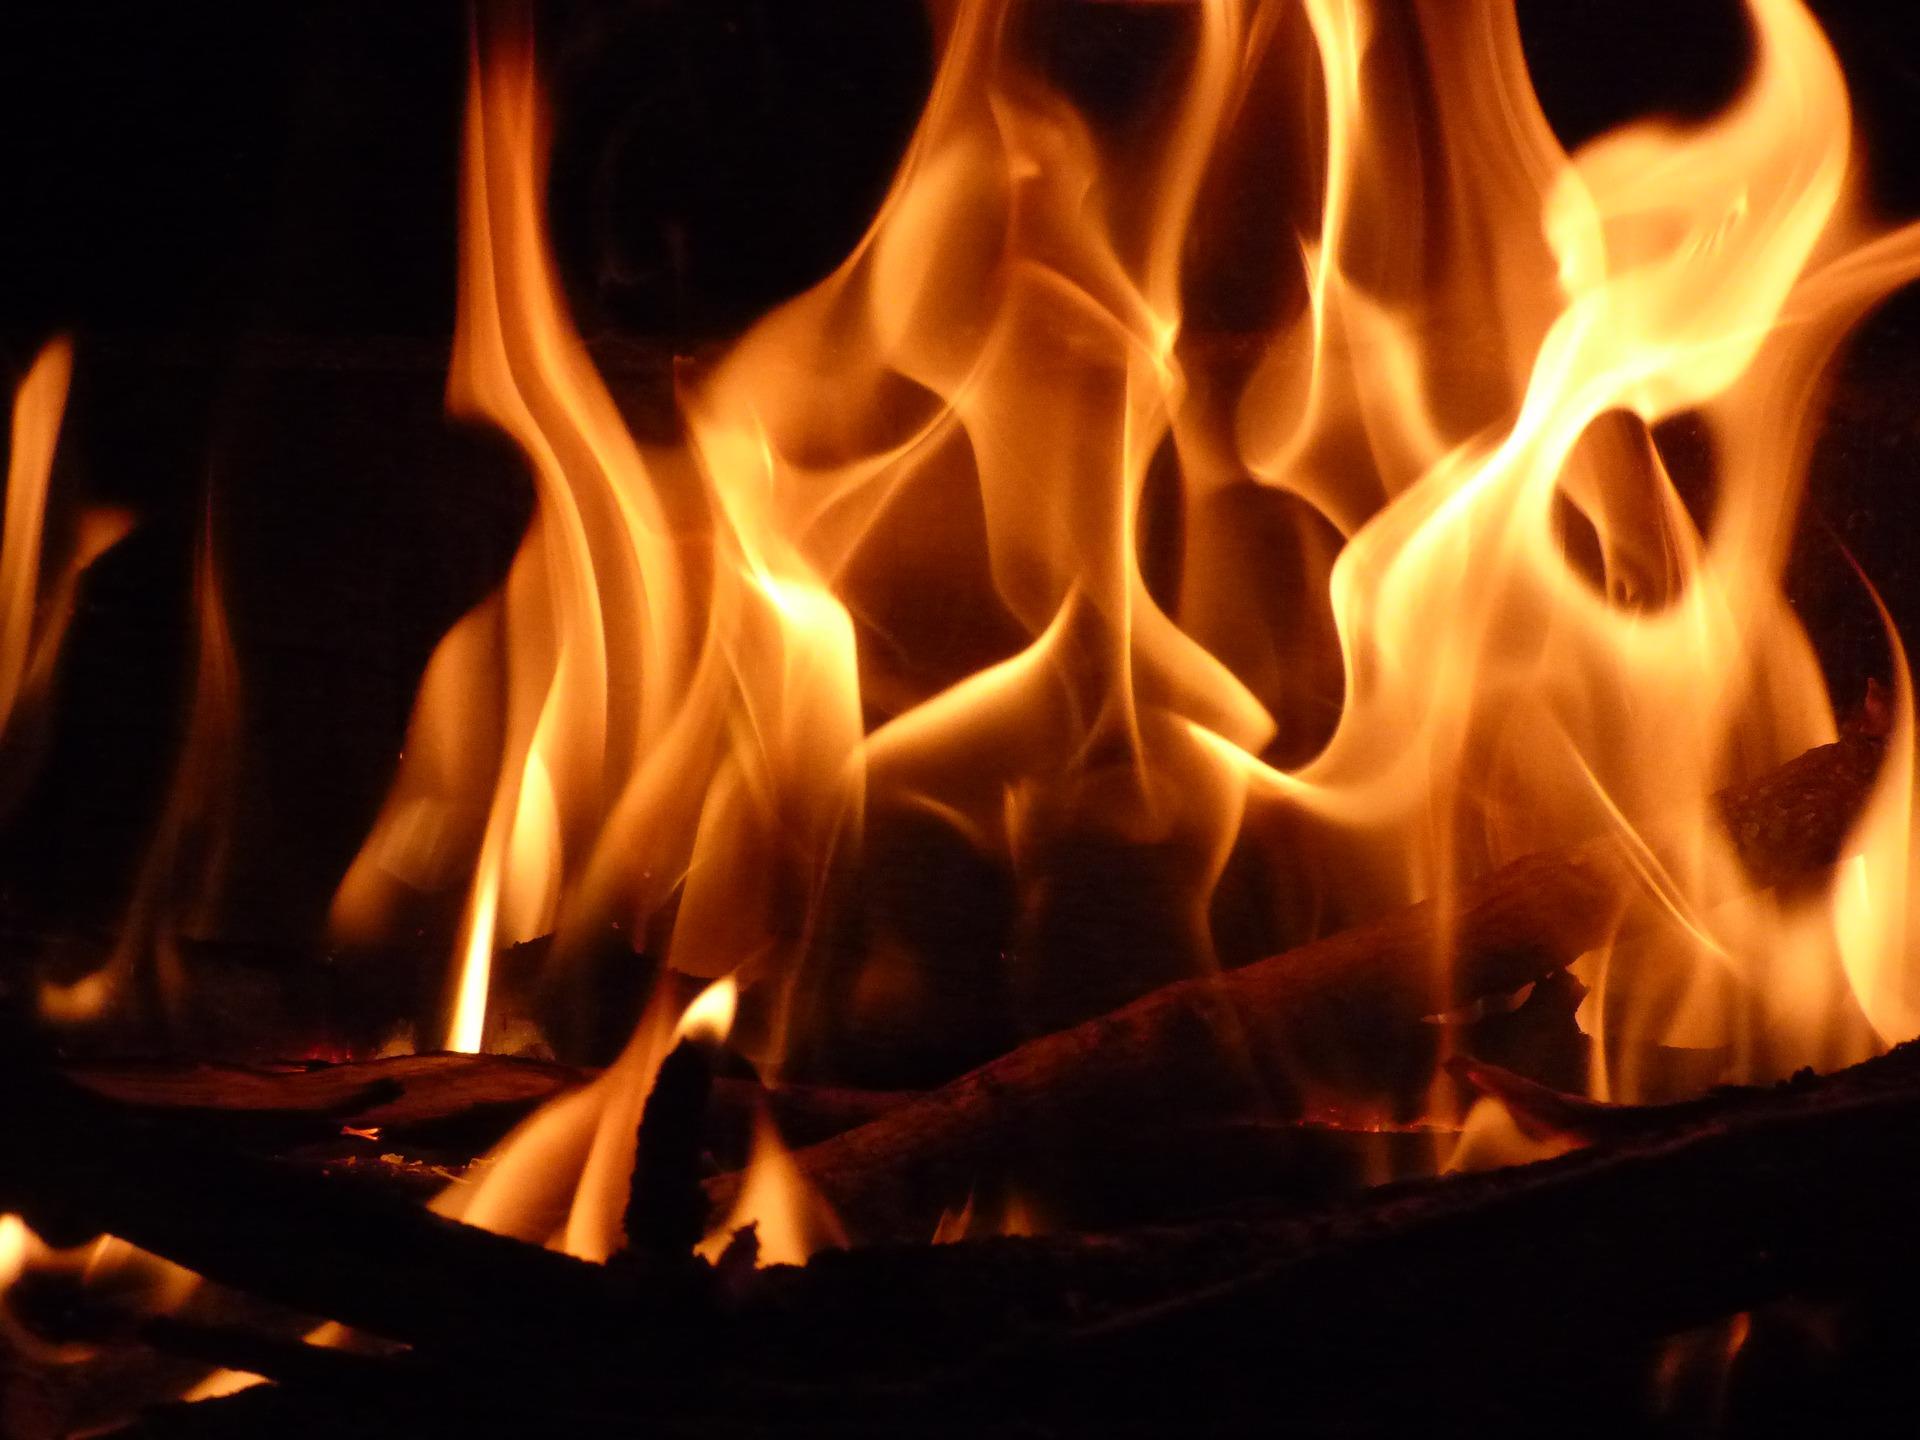 fire-1651832_1920